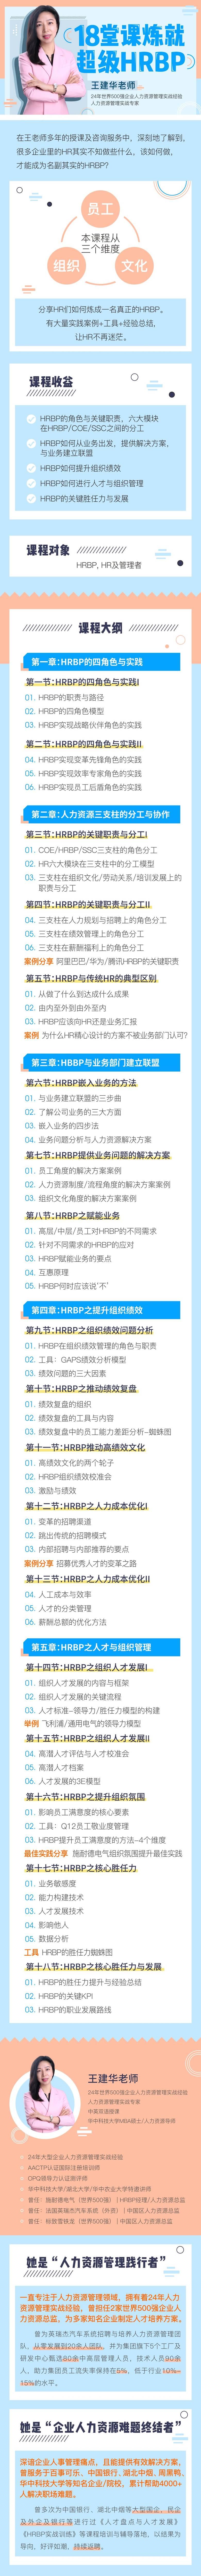 【在线课堂】18堂课炼就超级HRBP(精品短课)-汇知在线学习课堂